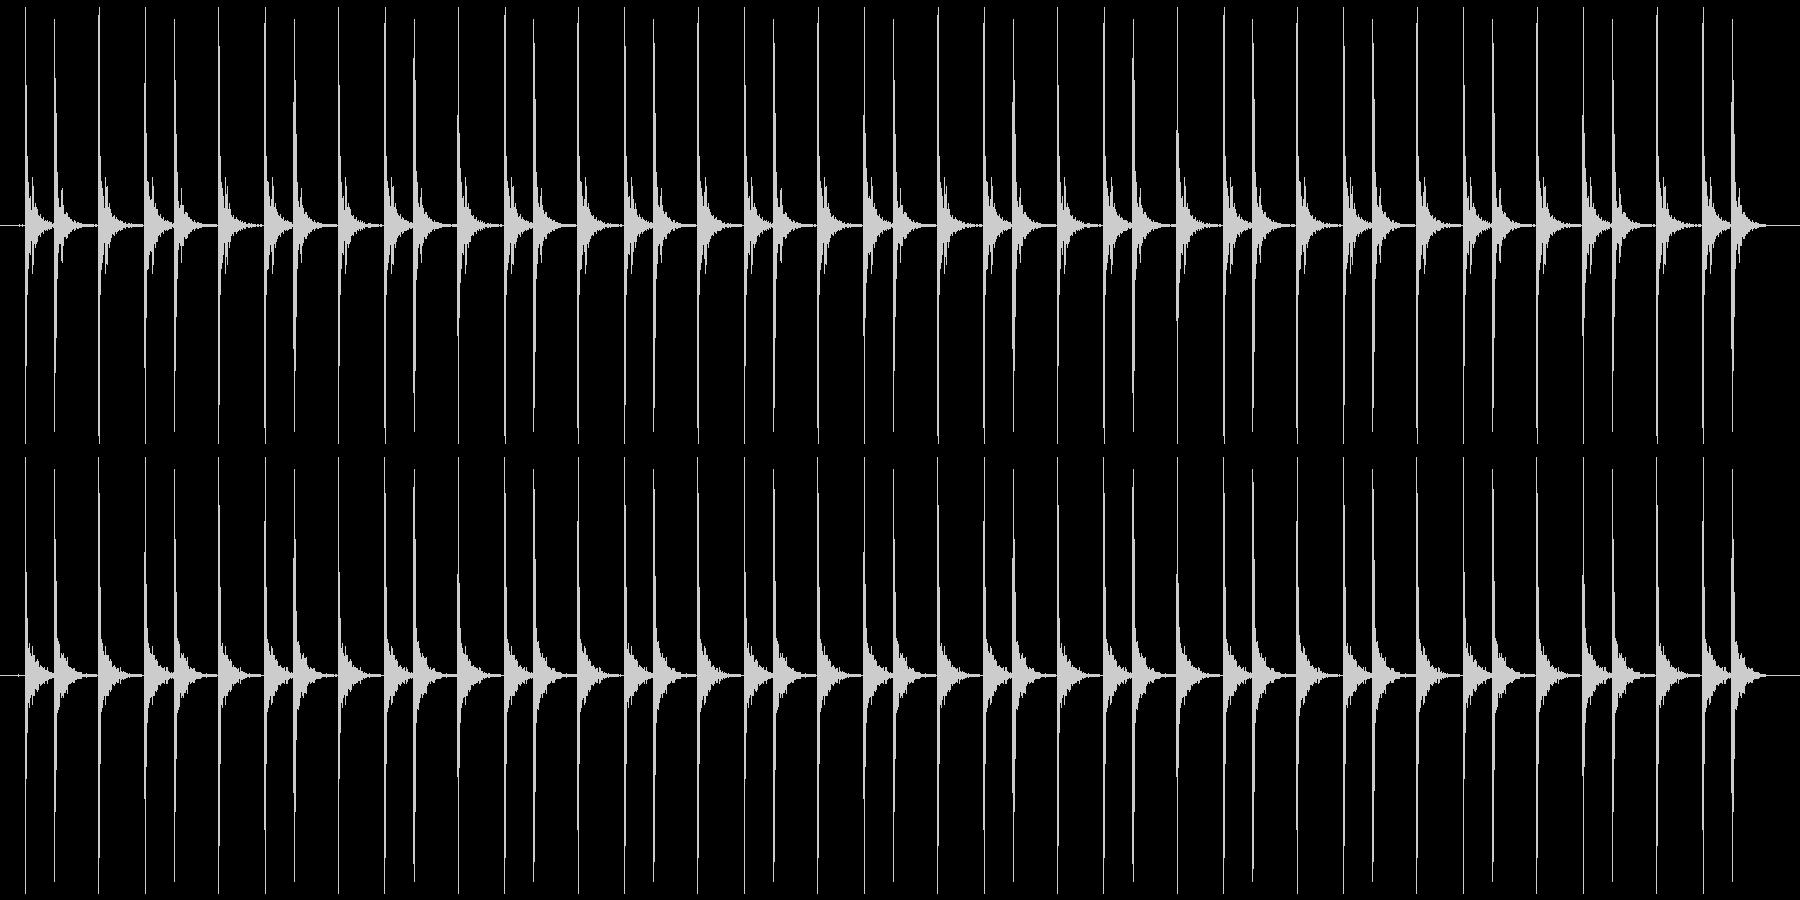 震える慌てる 長め カタカタカタ…の未再生の波形